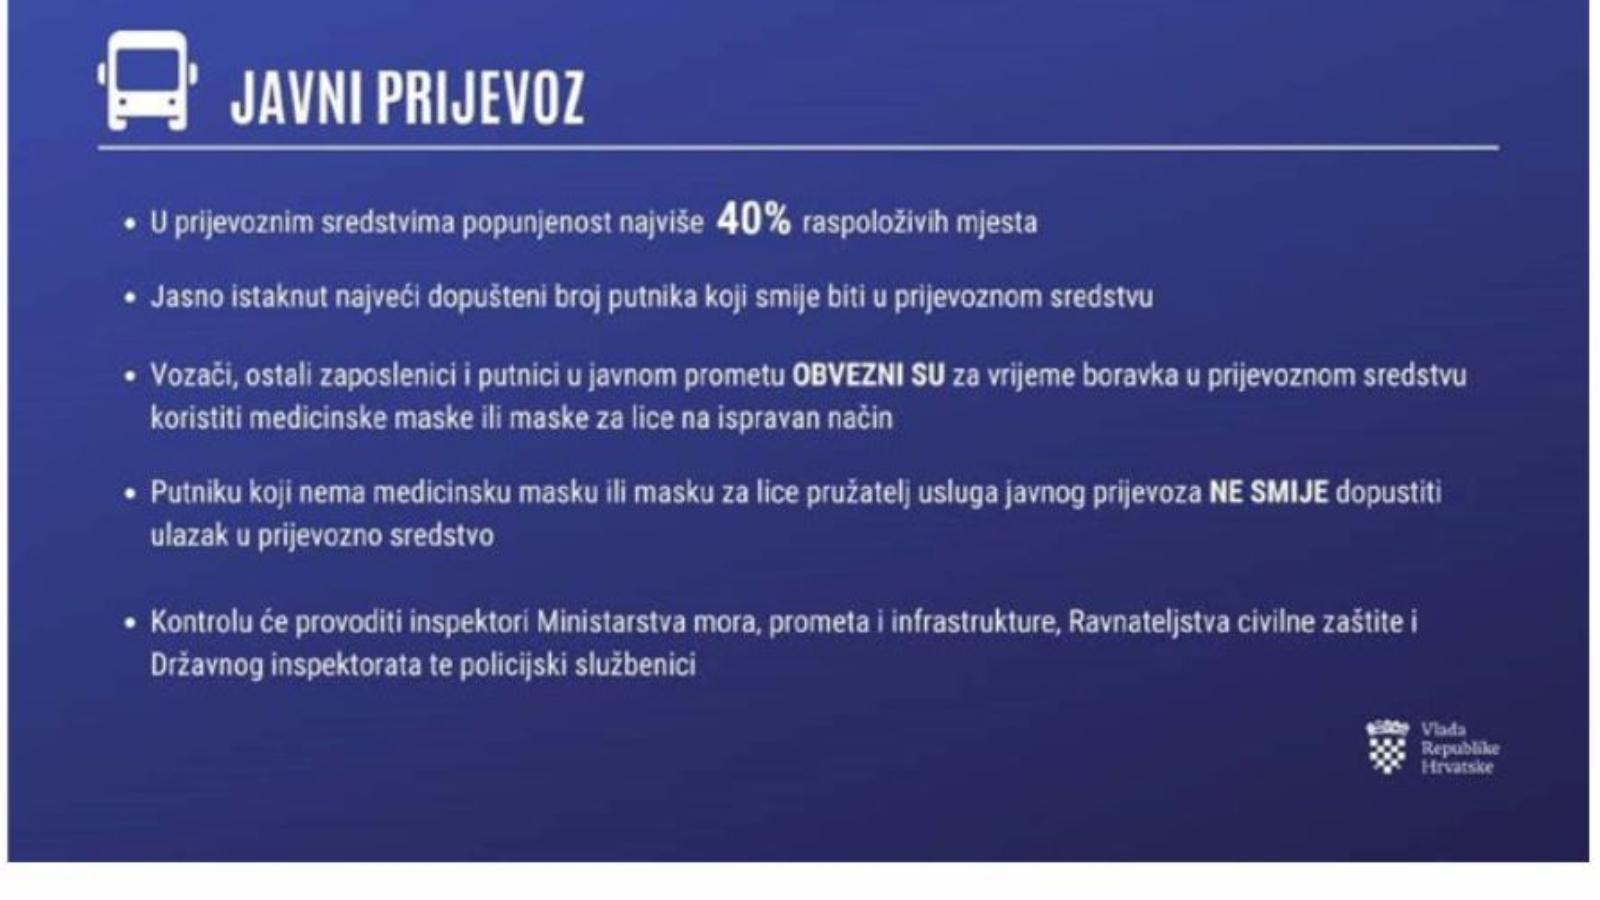 javni-prijevoz-27112020-1